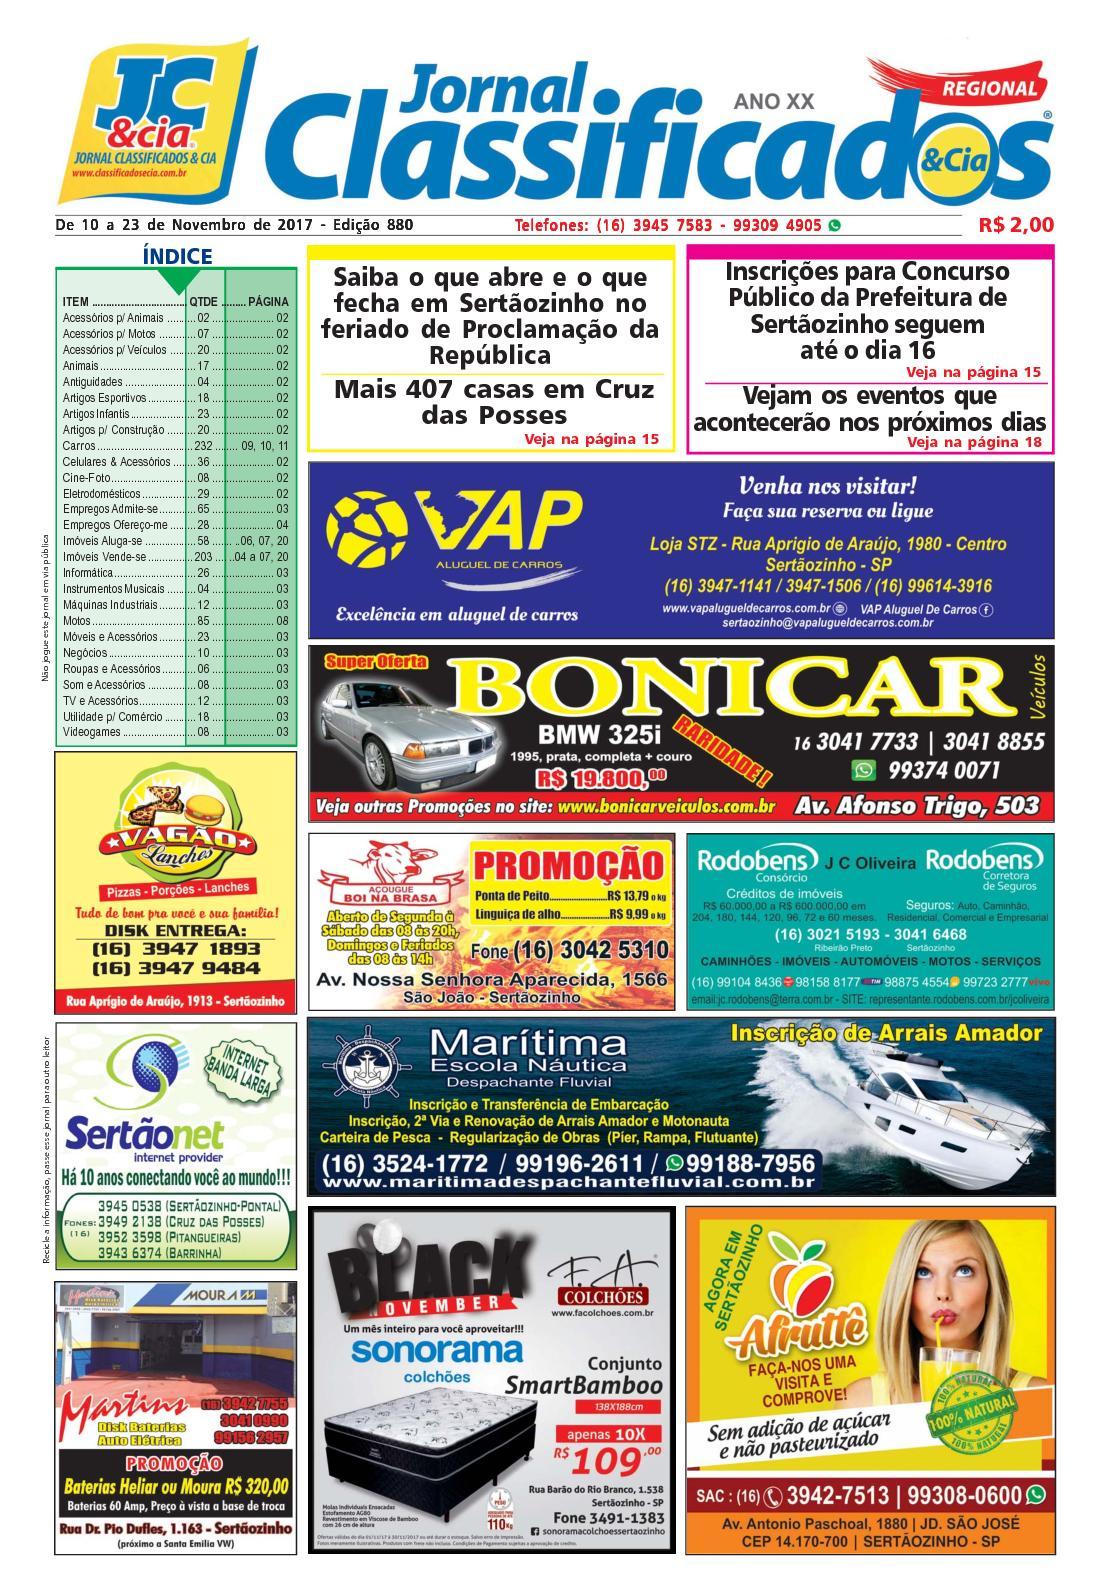 e2c3daf1ac Calaméo - Regional 880